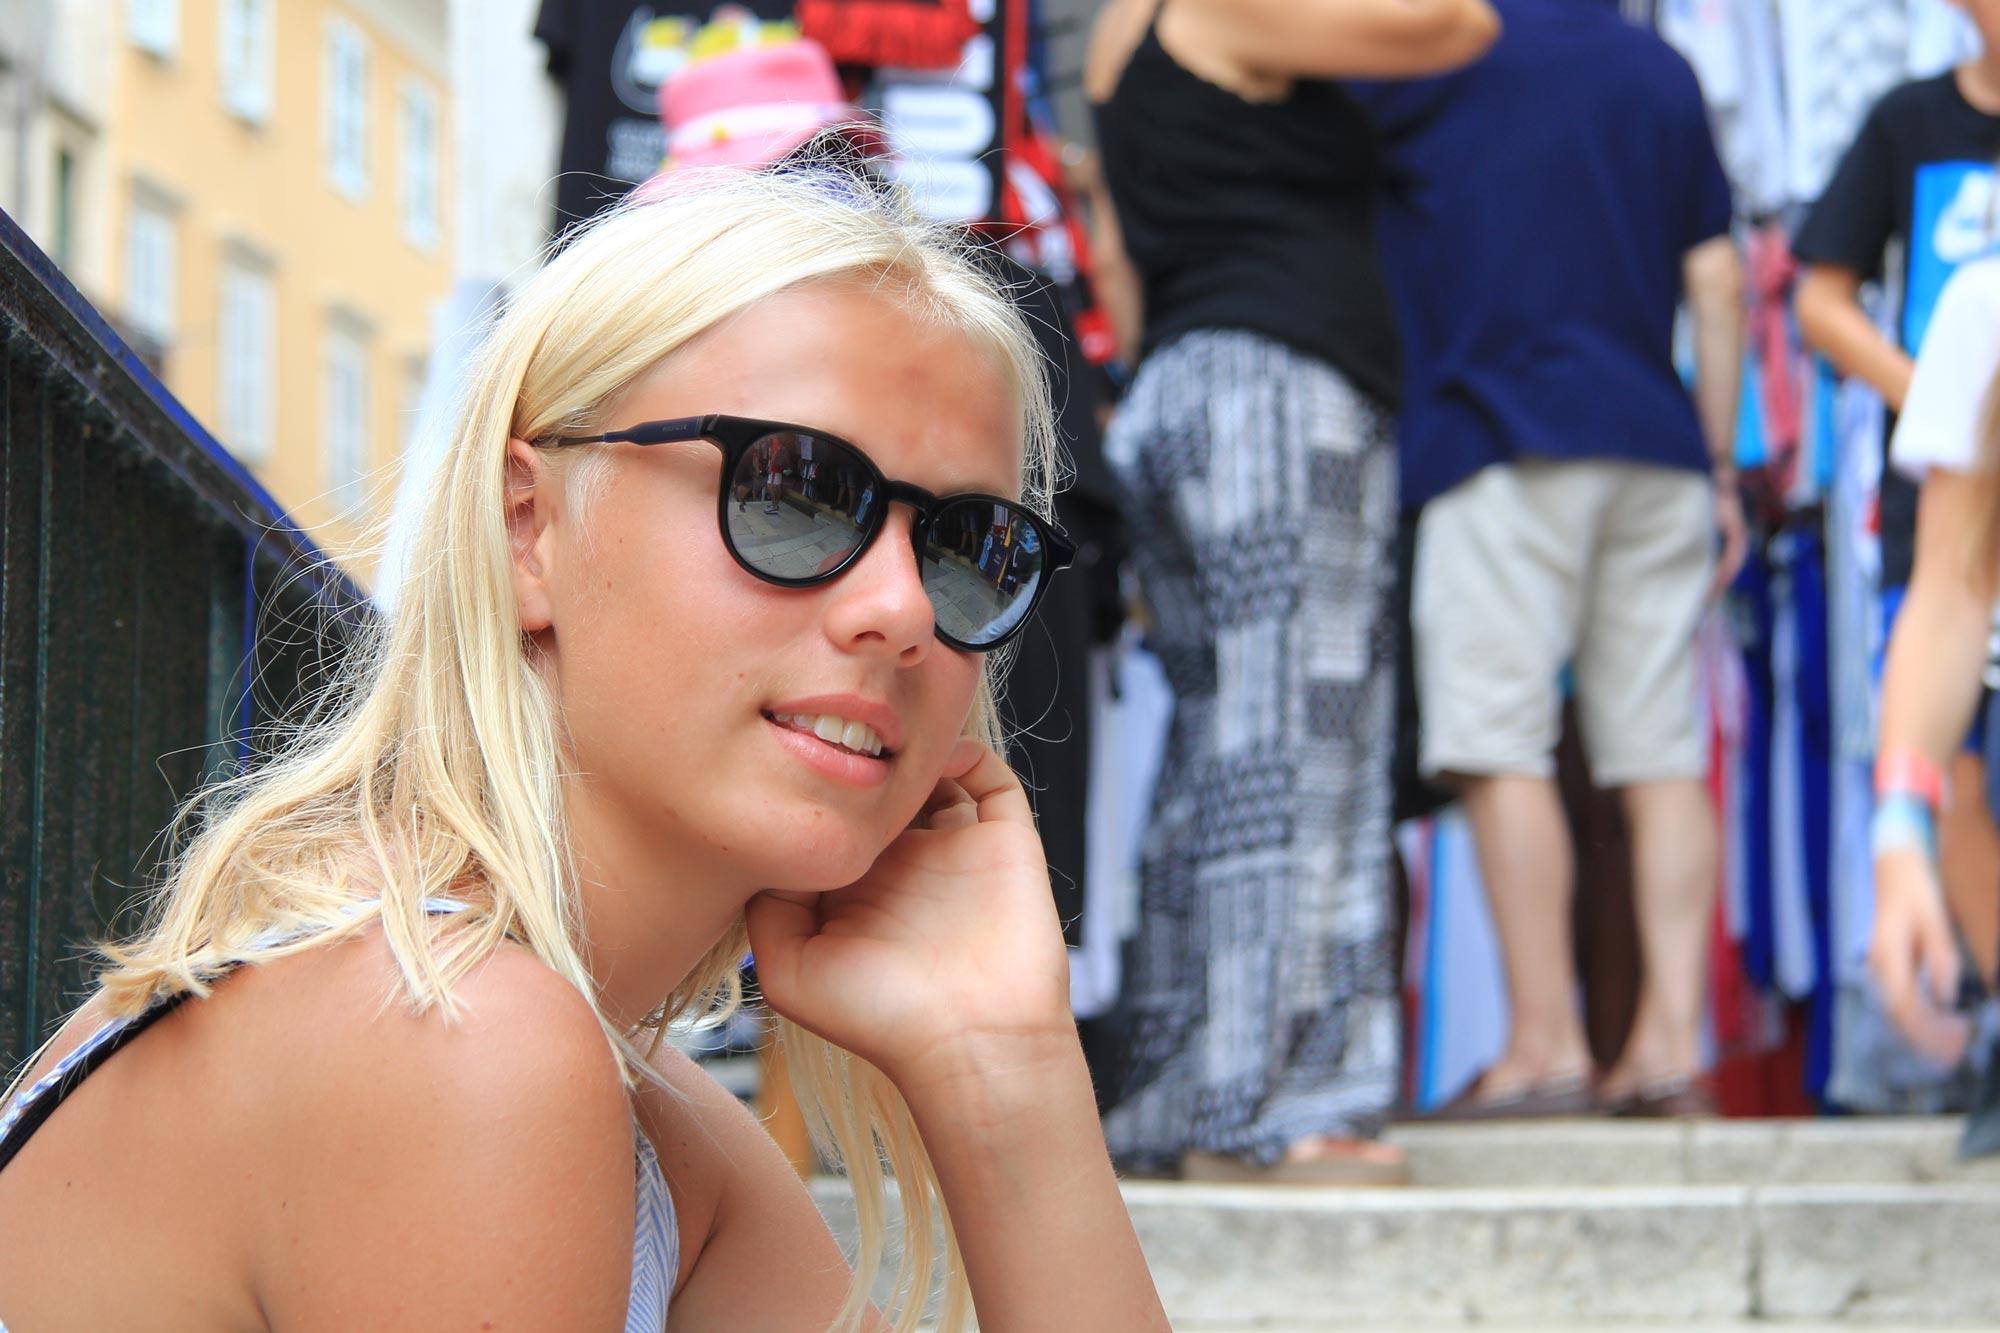 Tommy Hilfiger Sonnenbrille für Jugendliche von Optik Sagawe aus Rostock